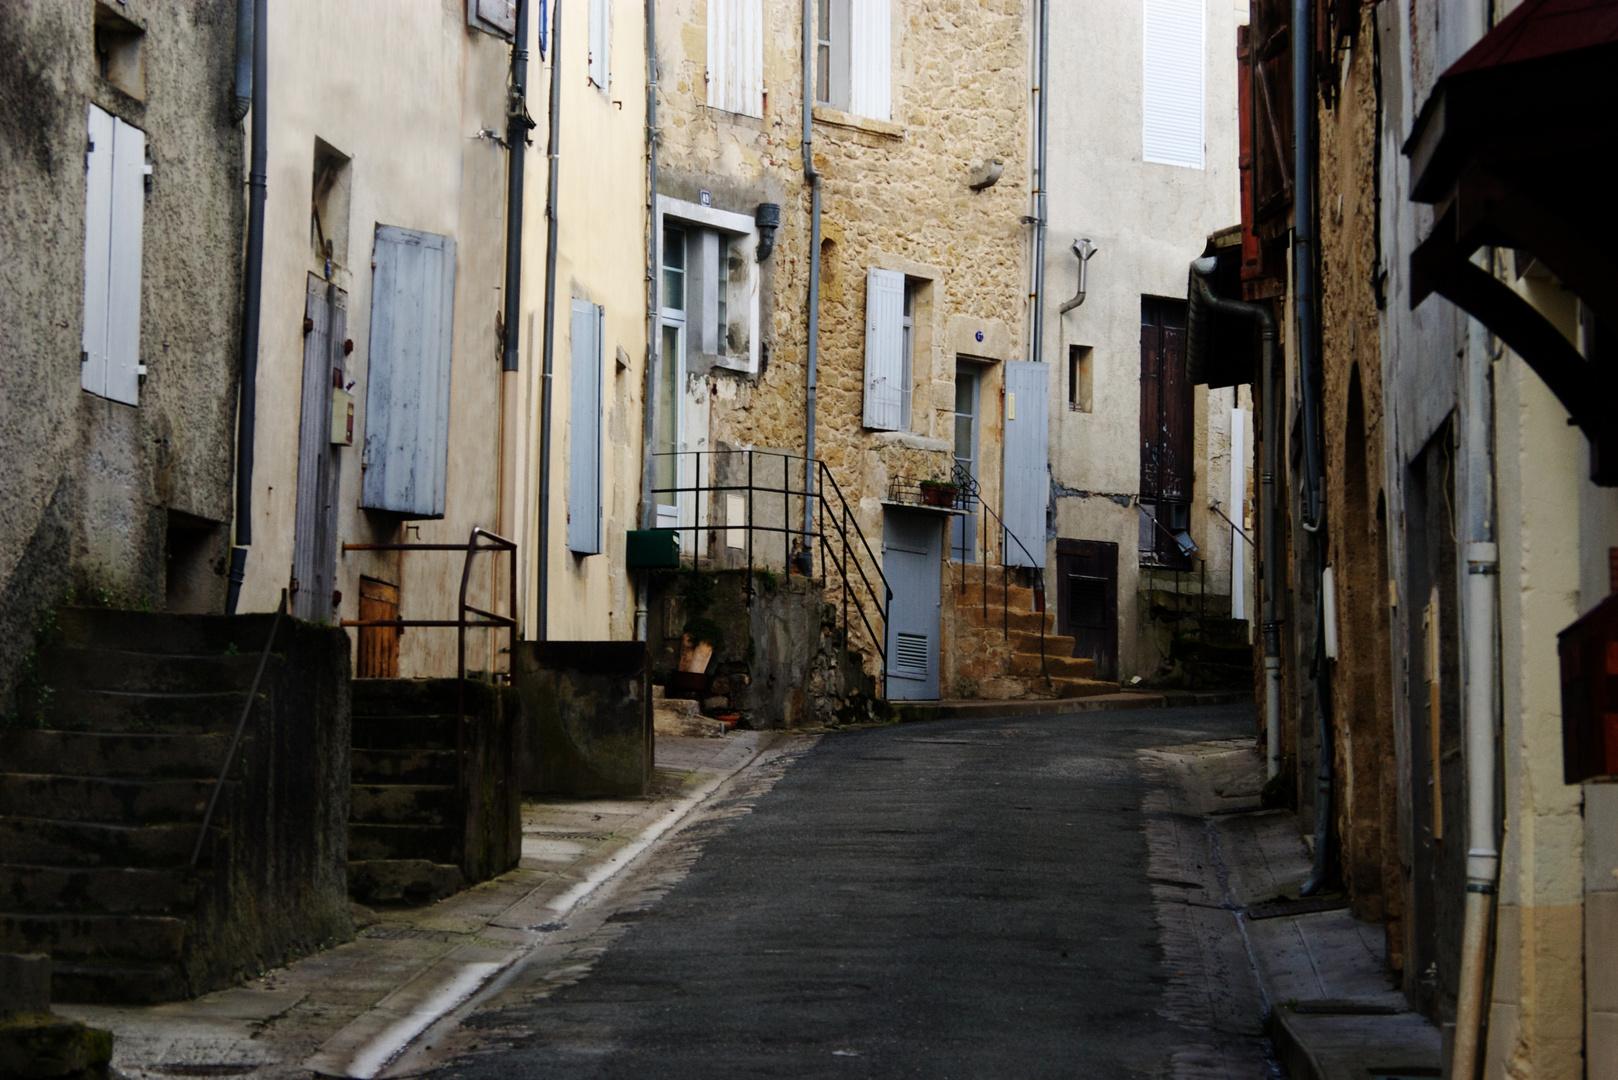 la rue ronde